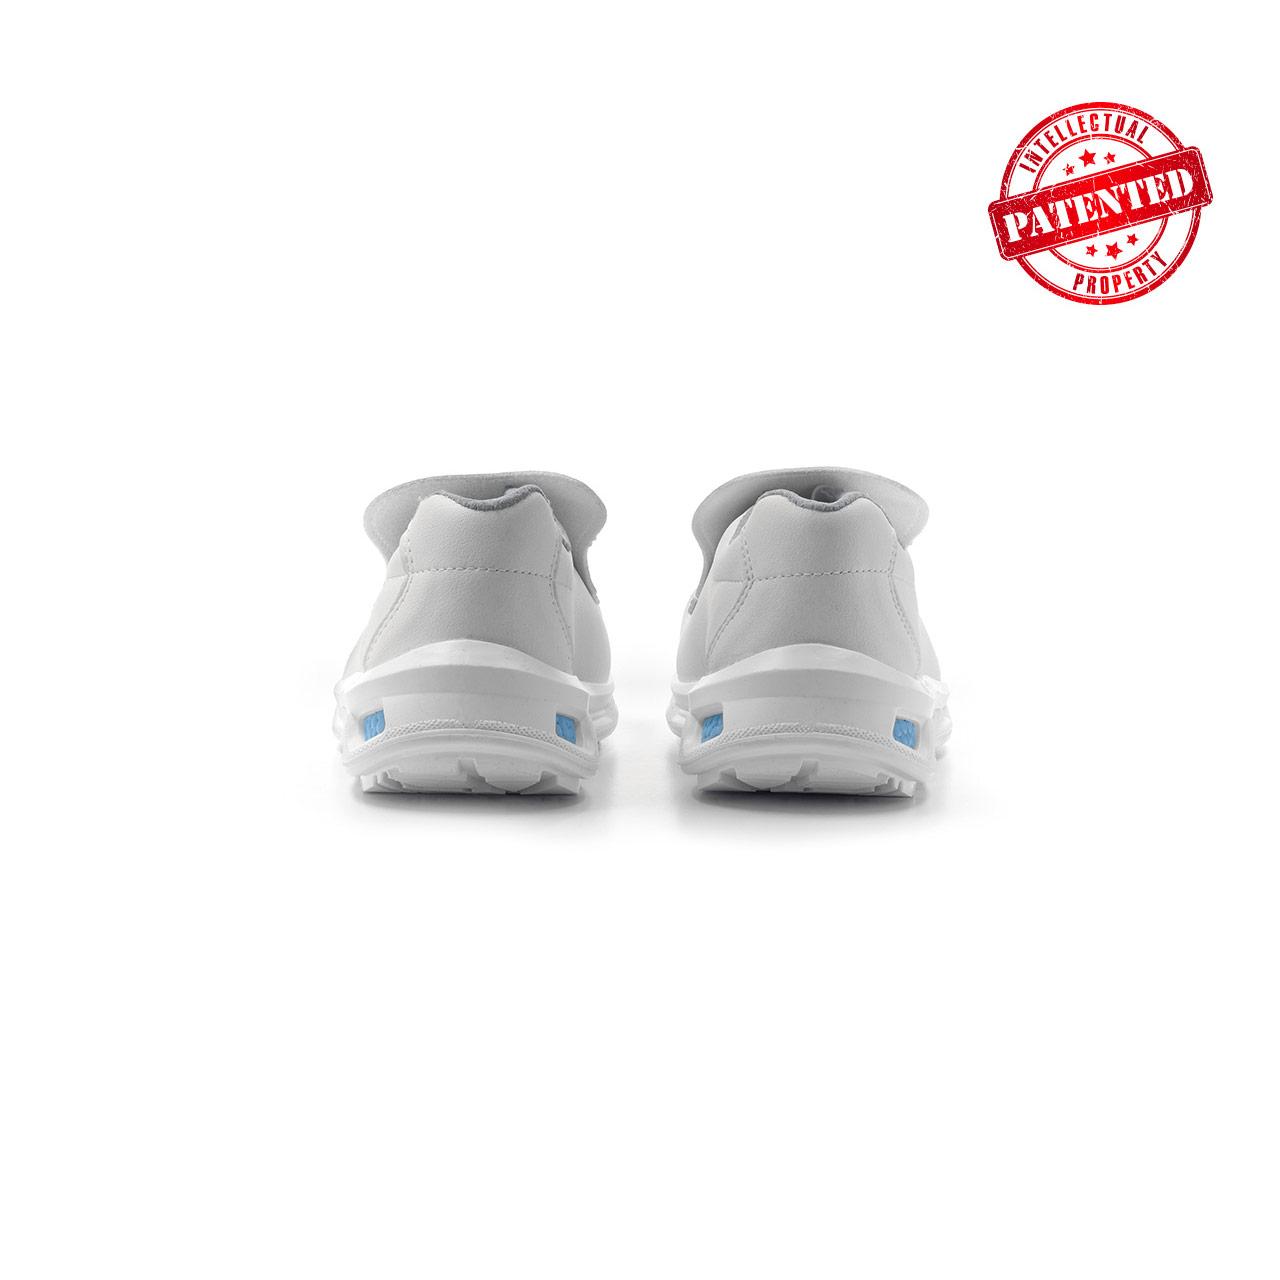 paio di scarpe antinfortunistiche upower modello blanco linea redlion vista retro